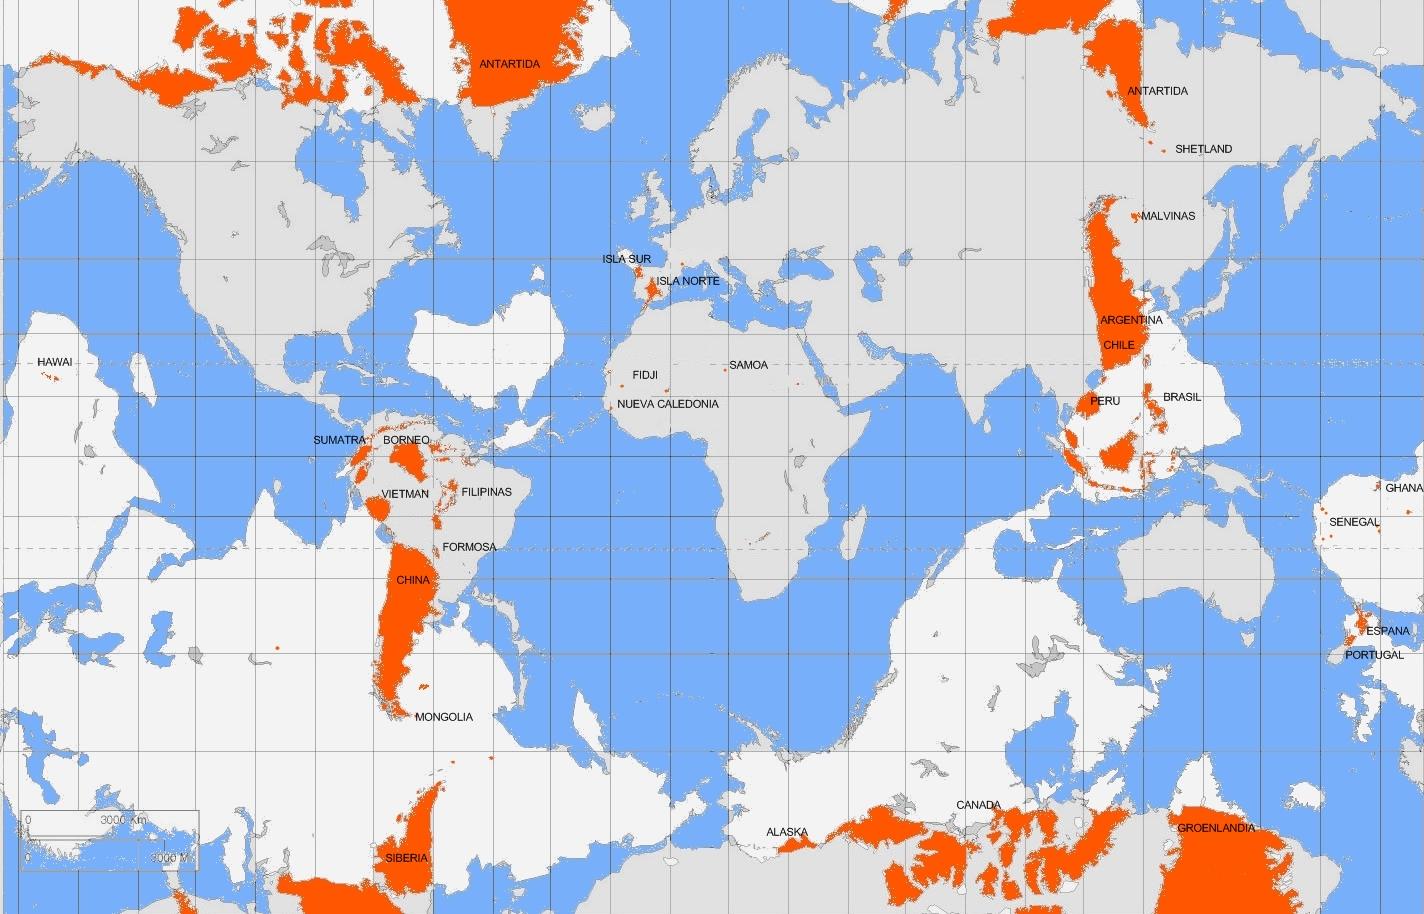 Español: mapa con las antipodas terrestres, co...